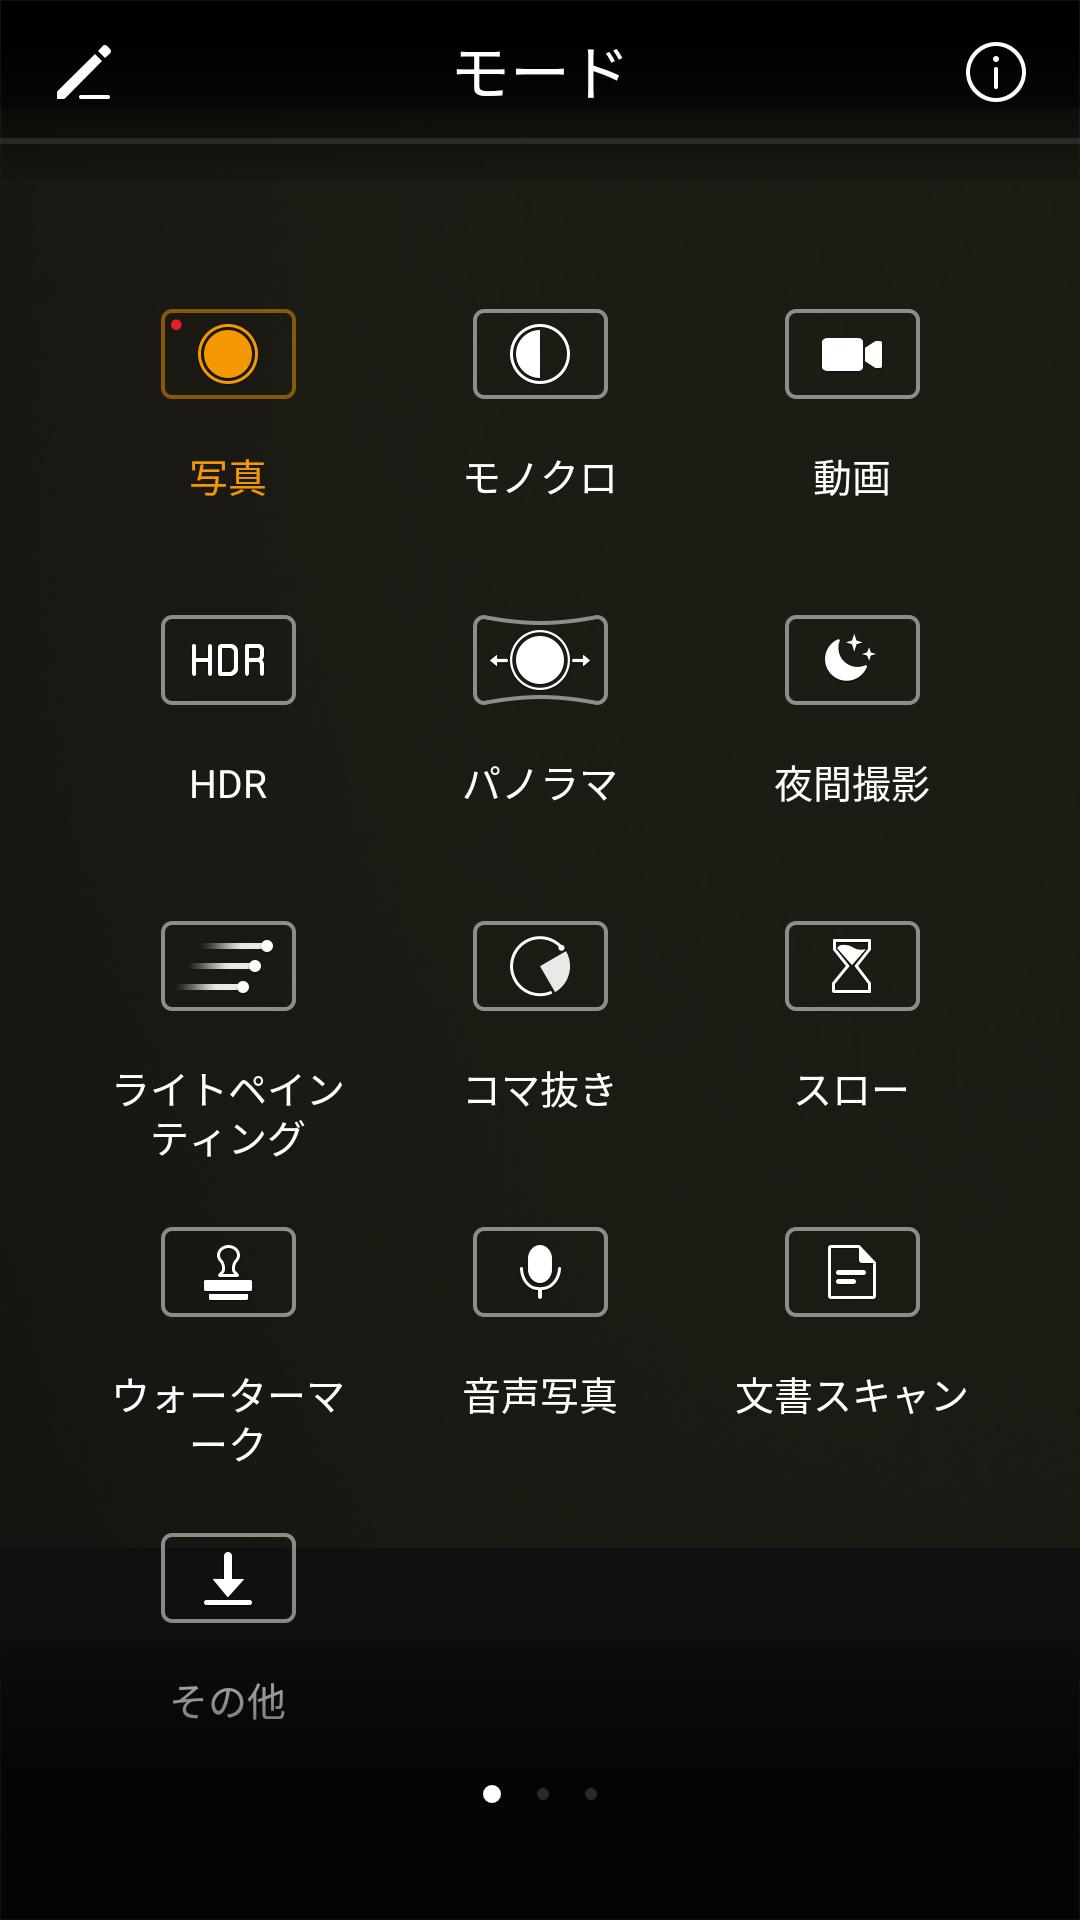 「Huawei P10」カメラの使い方&設定まとめ!Leicaダブルレンズを思う存分使いこなそう